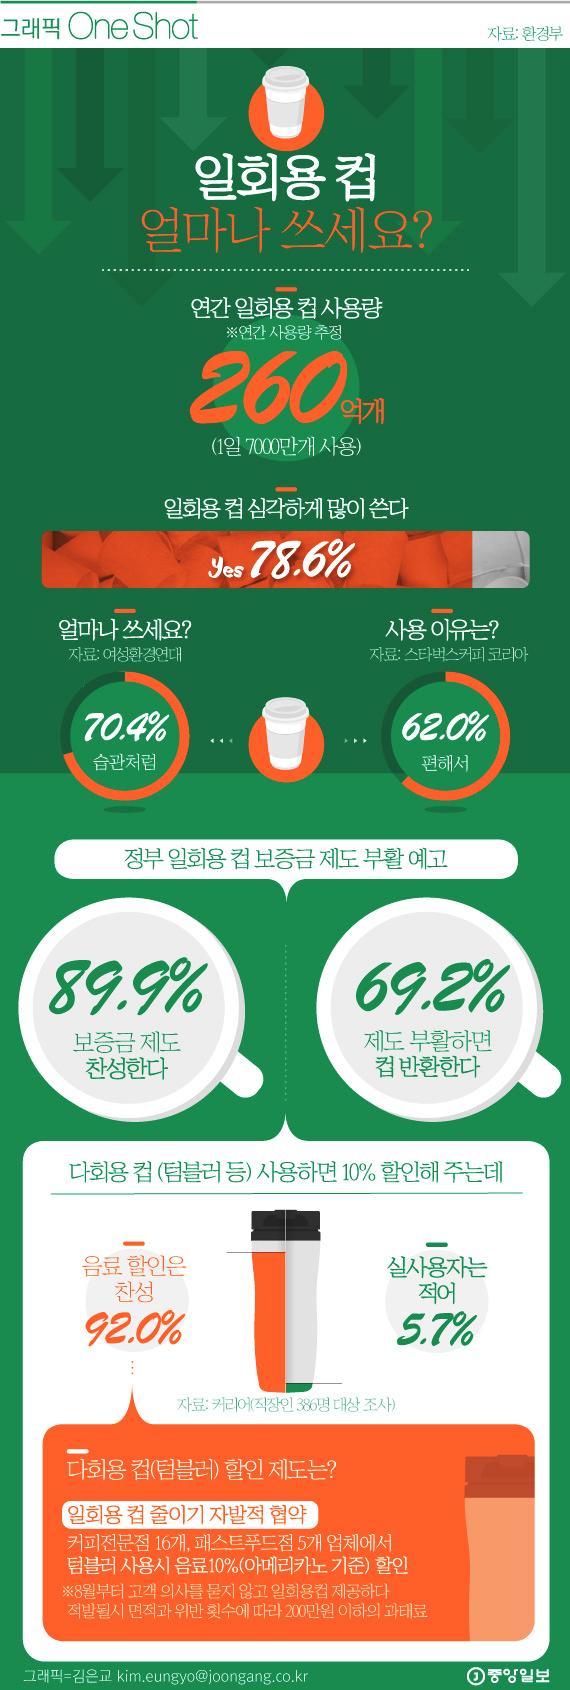 일회용 컵 얼마나 쓰세요?